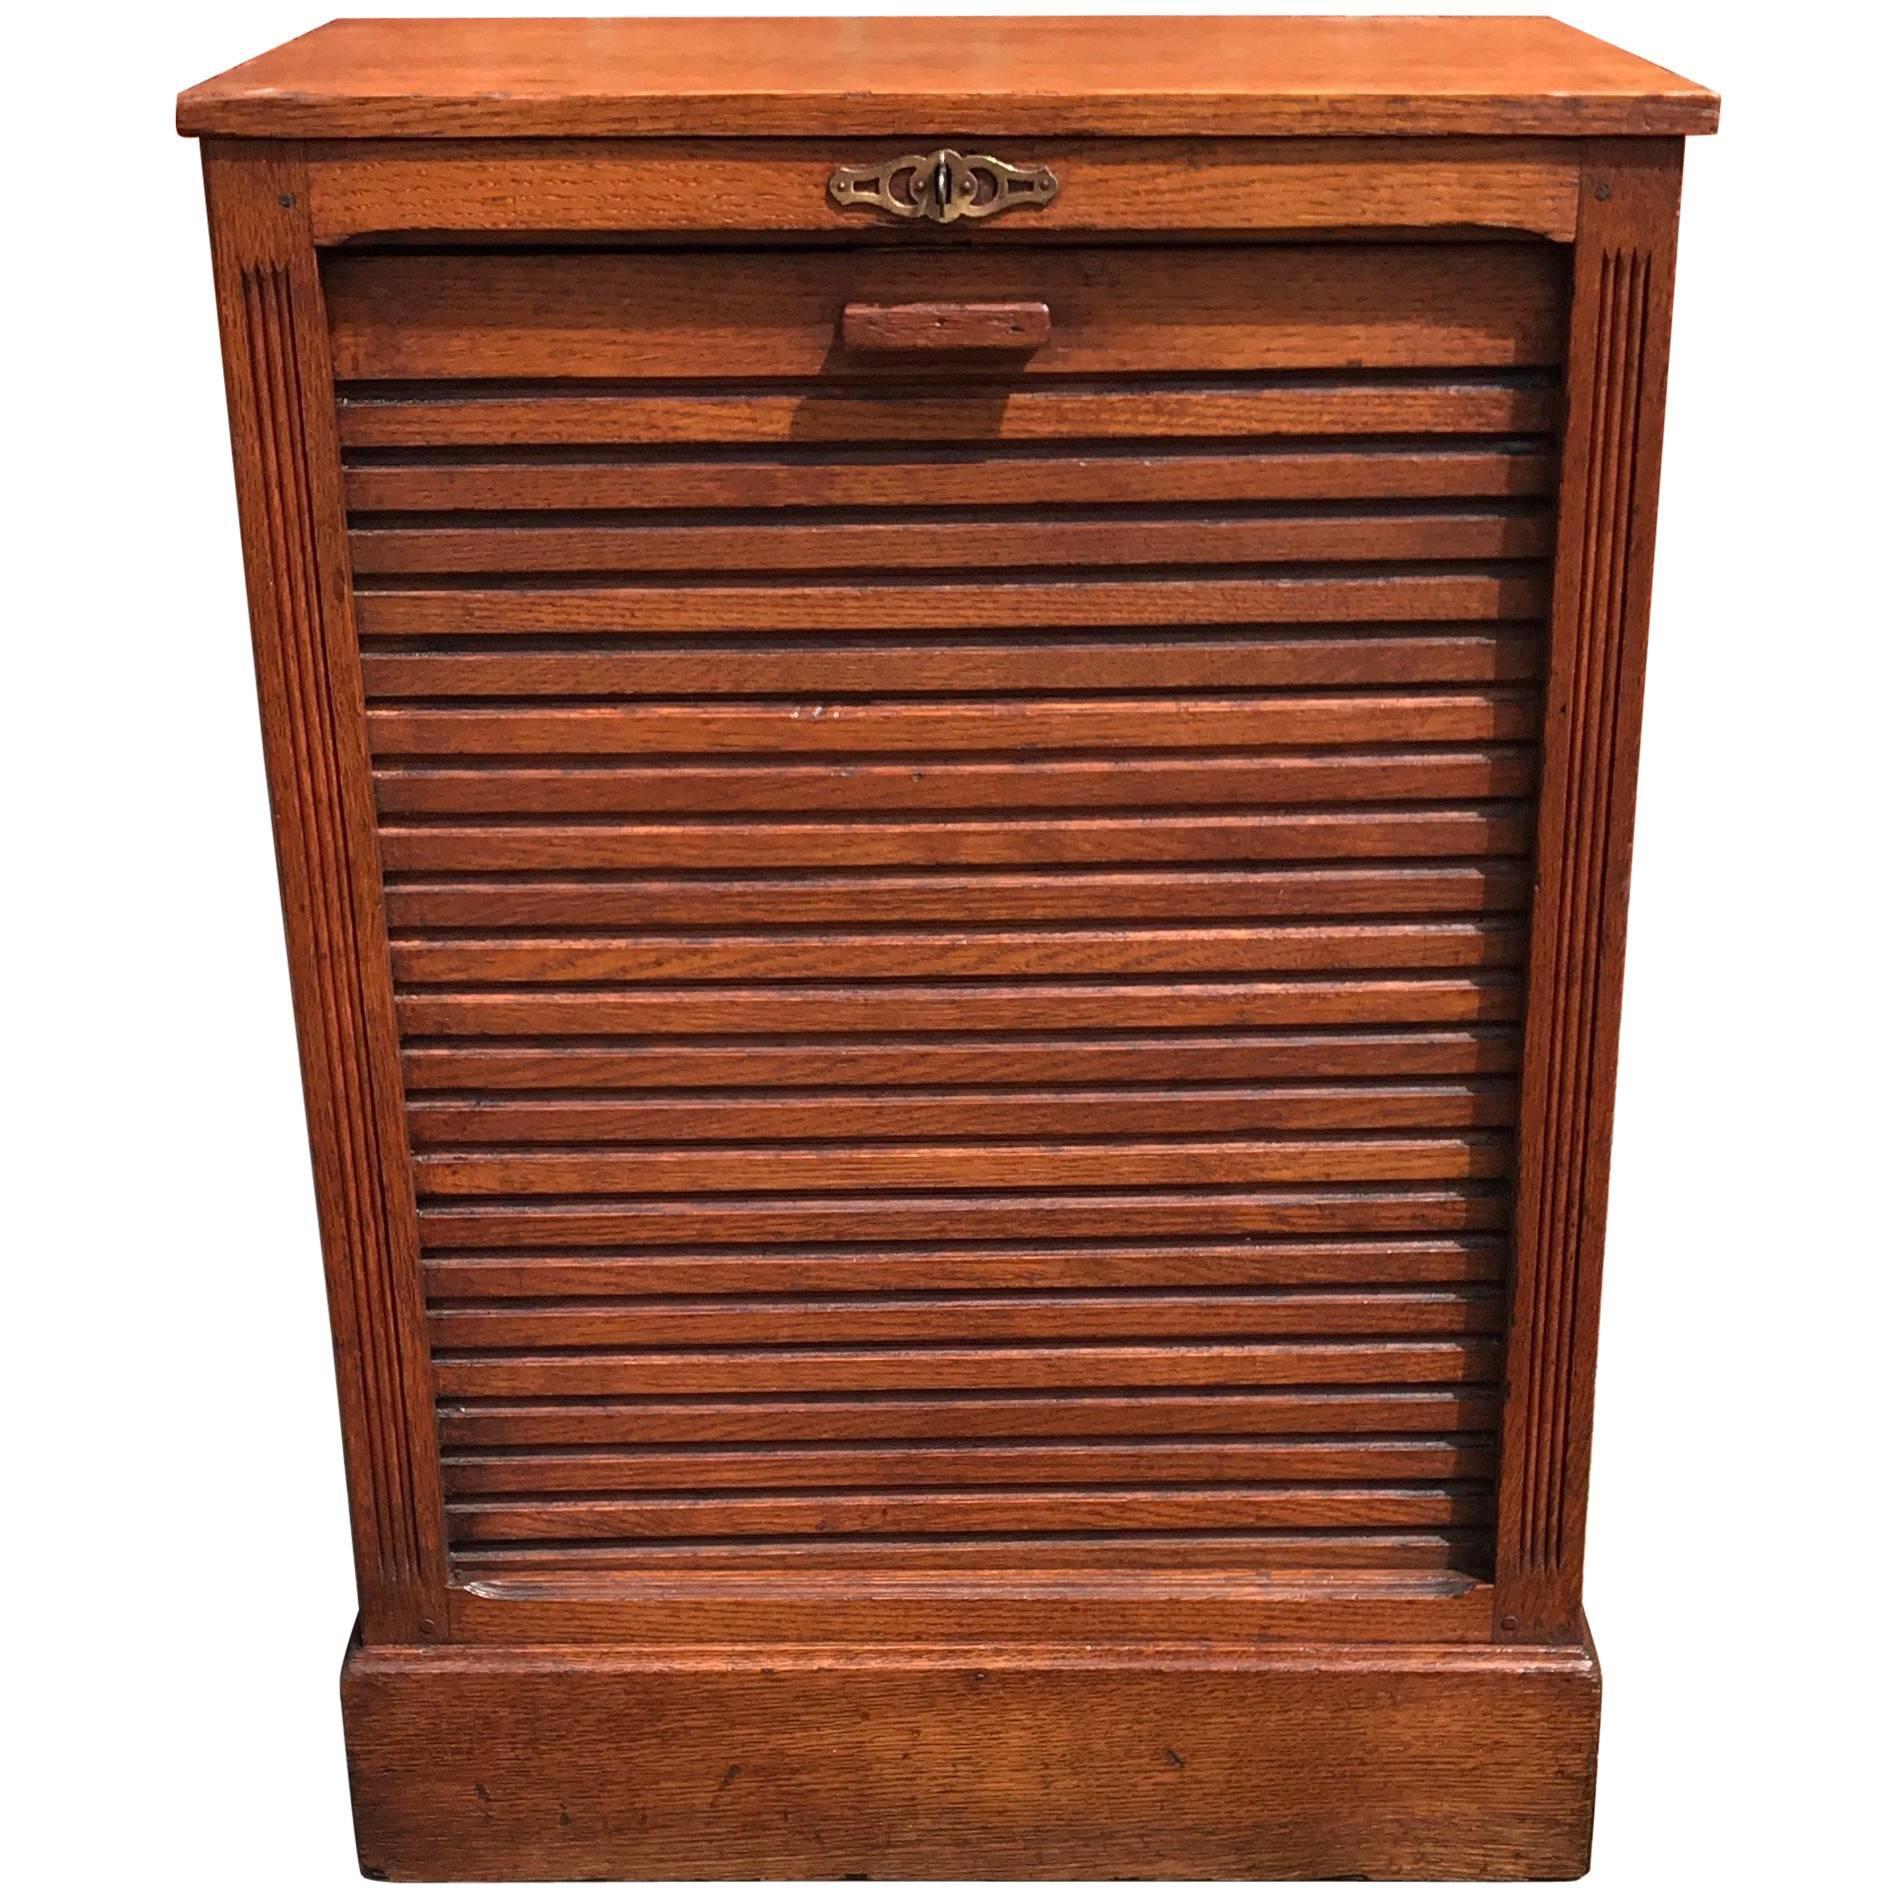 French Vintage Mahogany Inlay Sheet Music Cabinet at 1stdibs